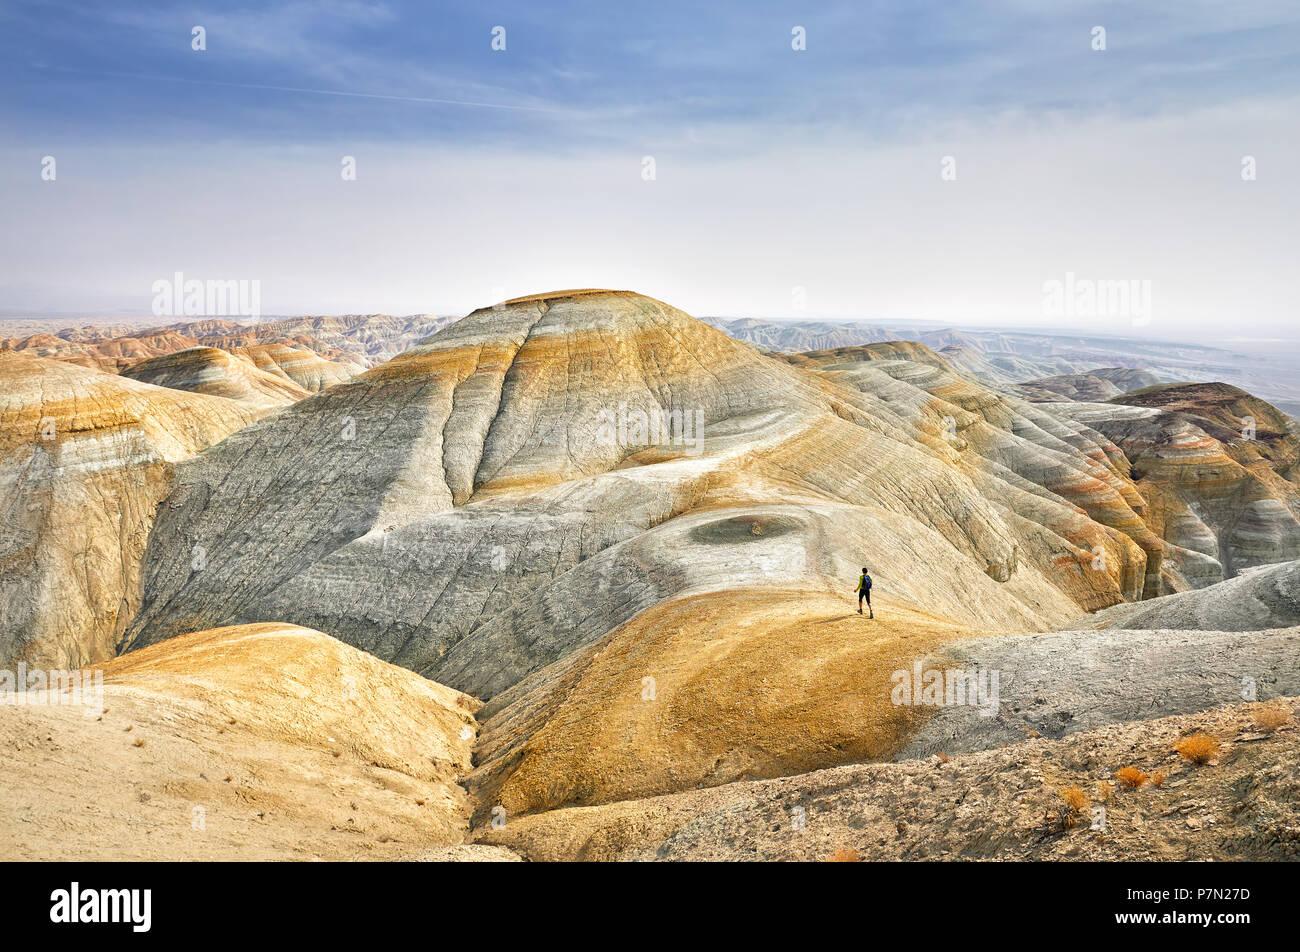 Paseos turísticos por el sendero de montaña amarilla surrealista en el parque desierto Emel Altyn en Kazajstán Imagen De Stock